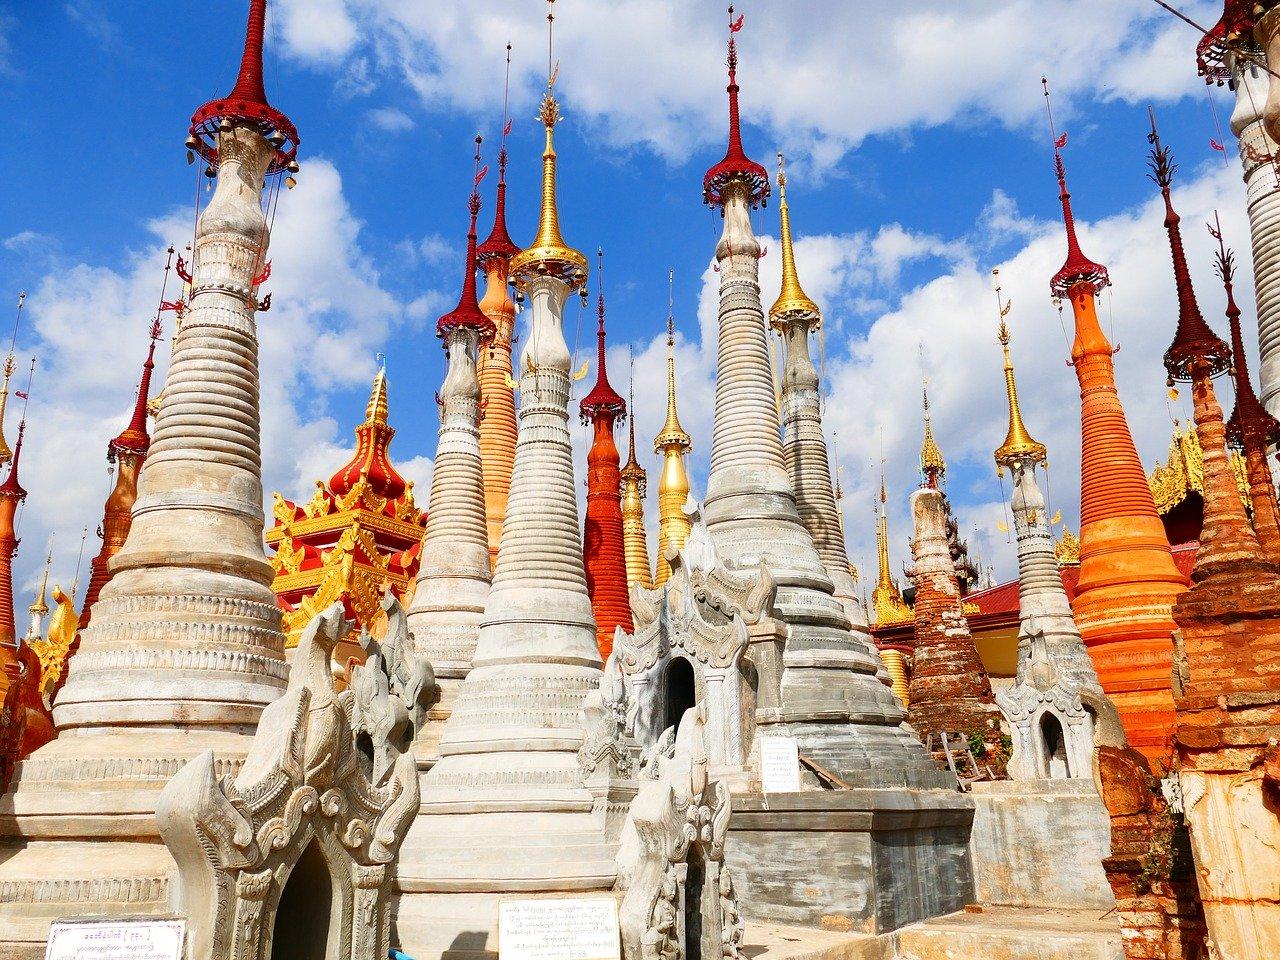 Penser à visiter la Birmanie en cas de voyage.